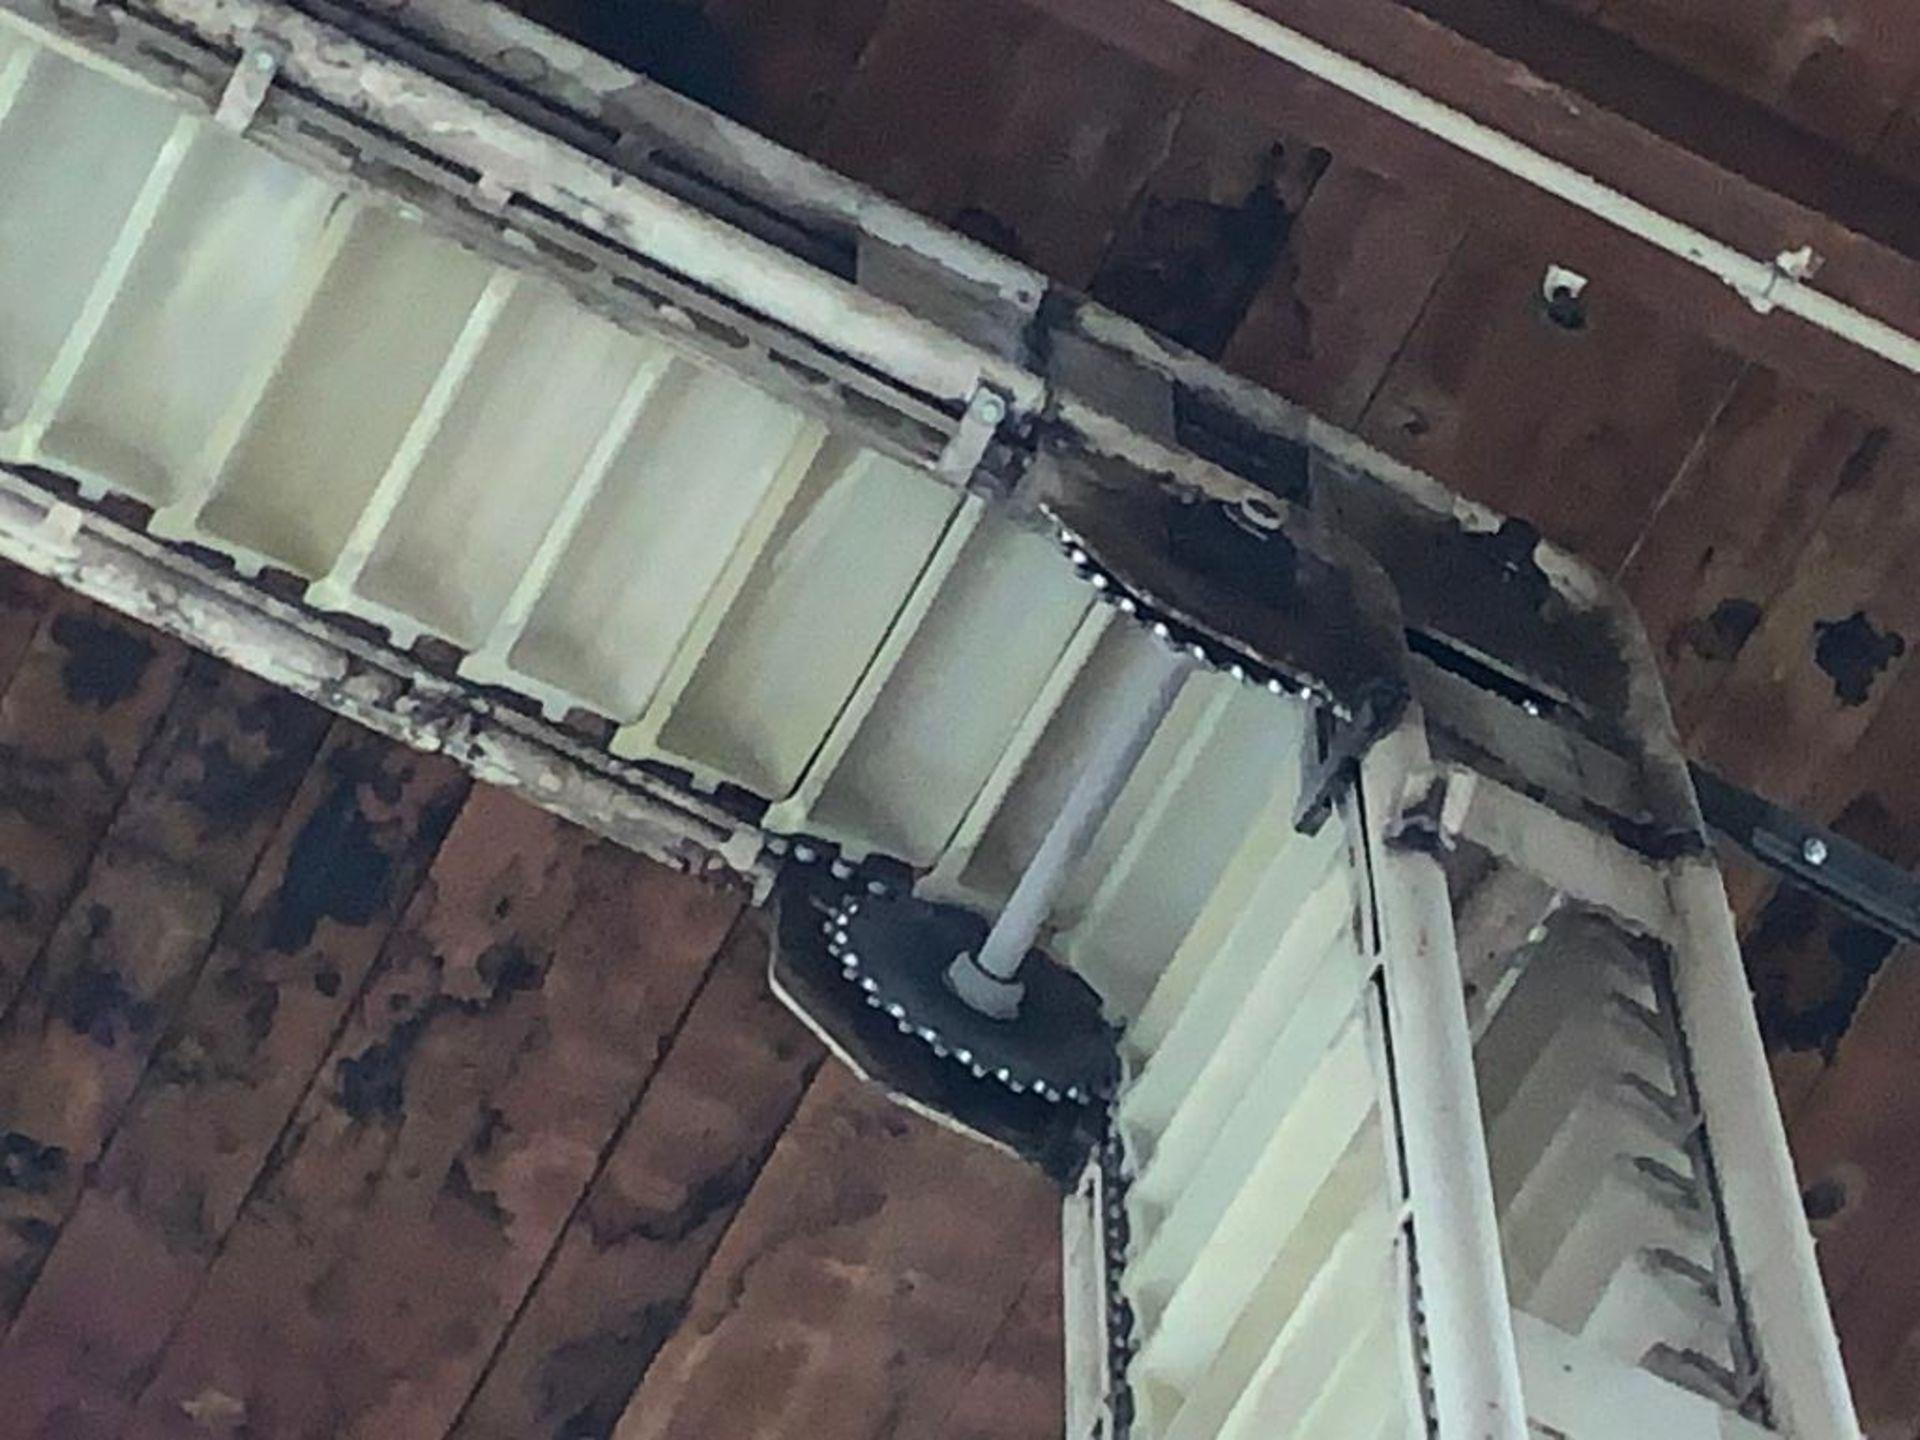 Aseeco overlapping bucket elevator - Image 9 of 11